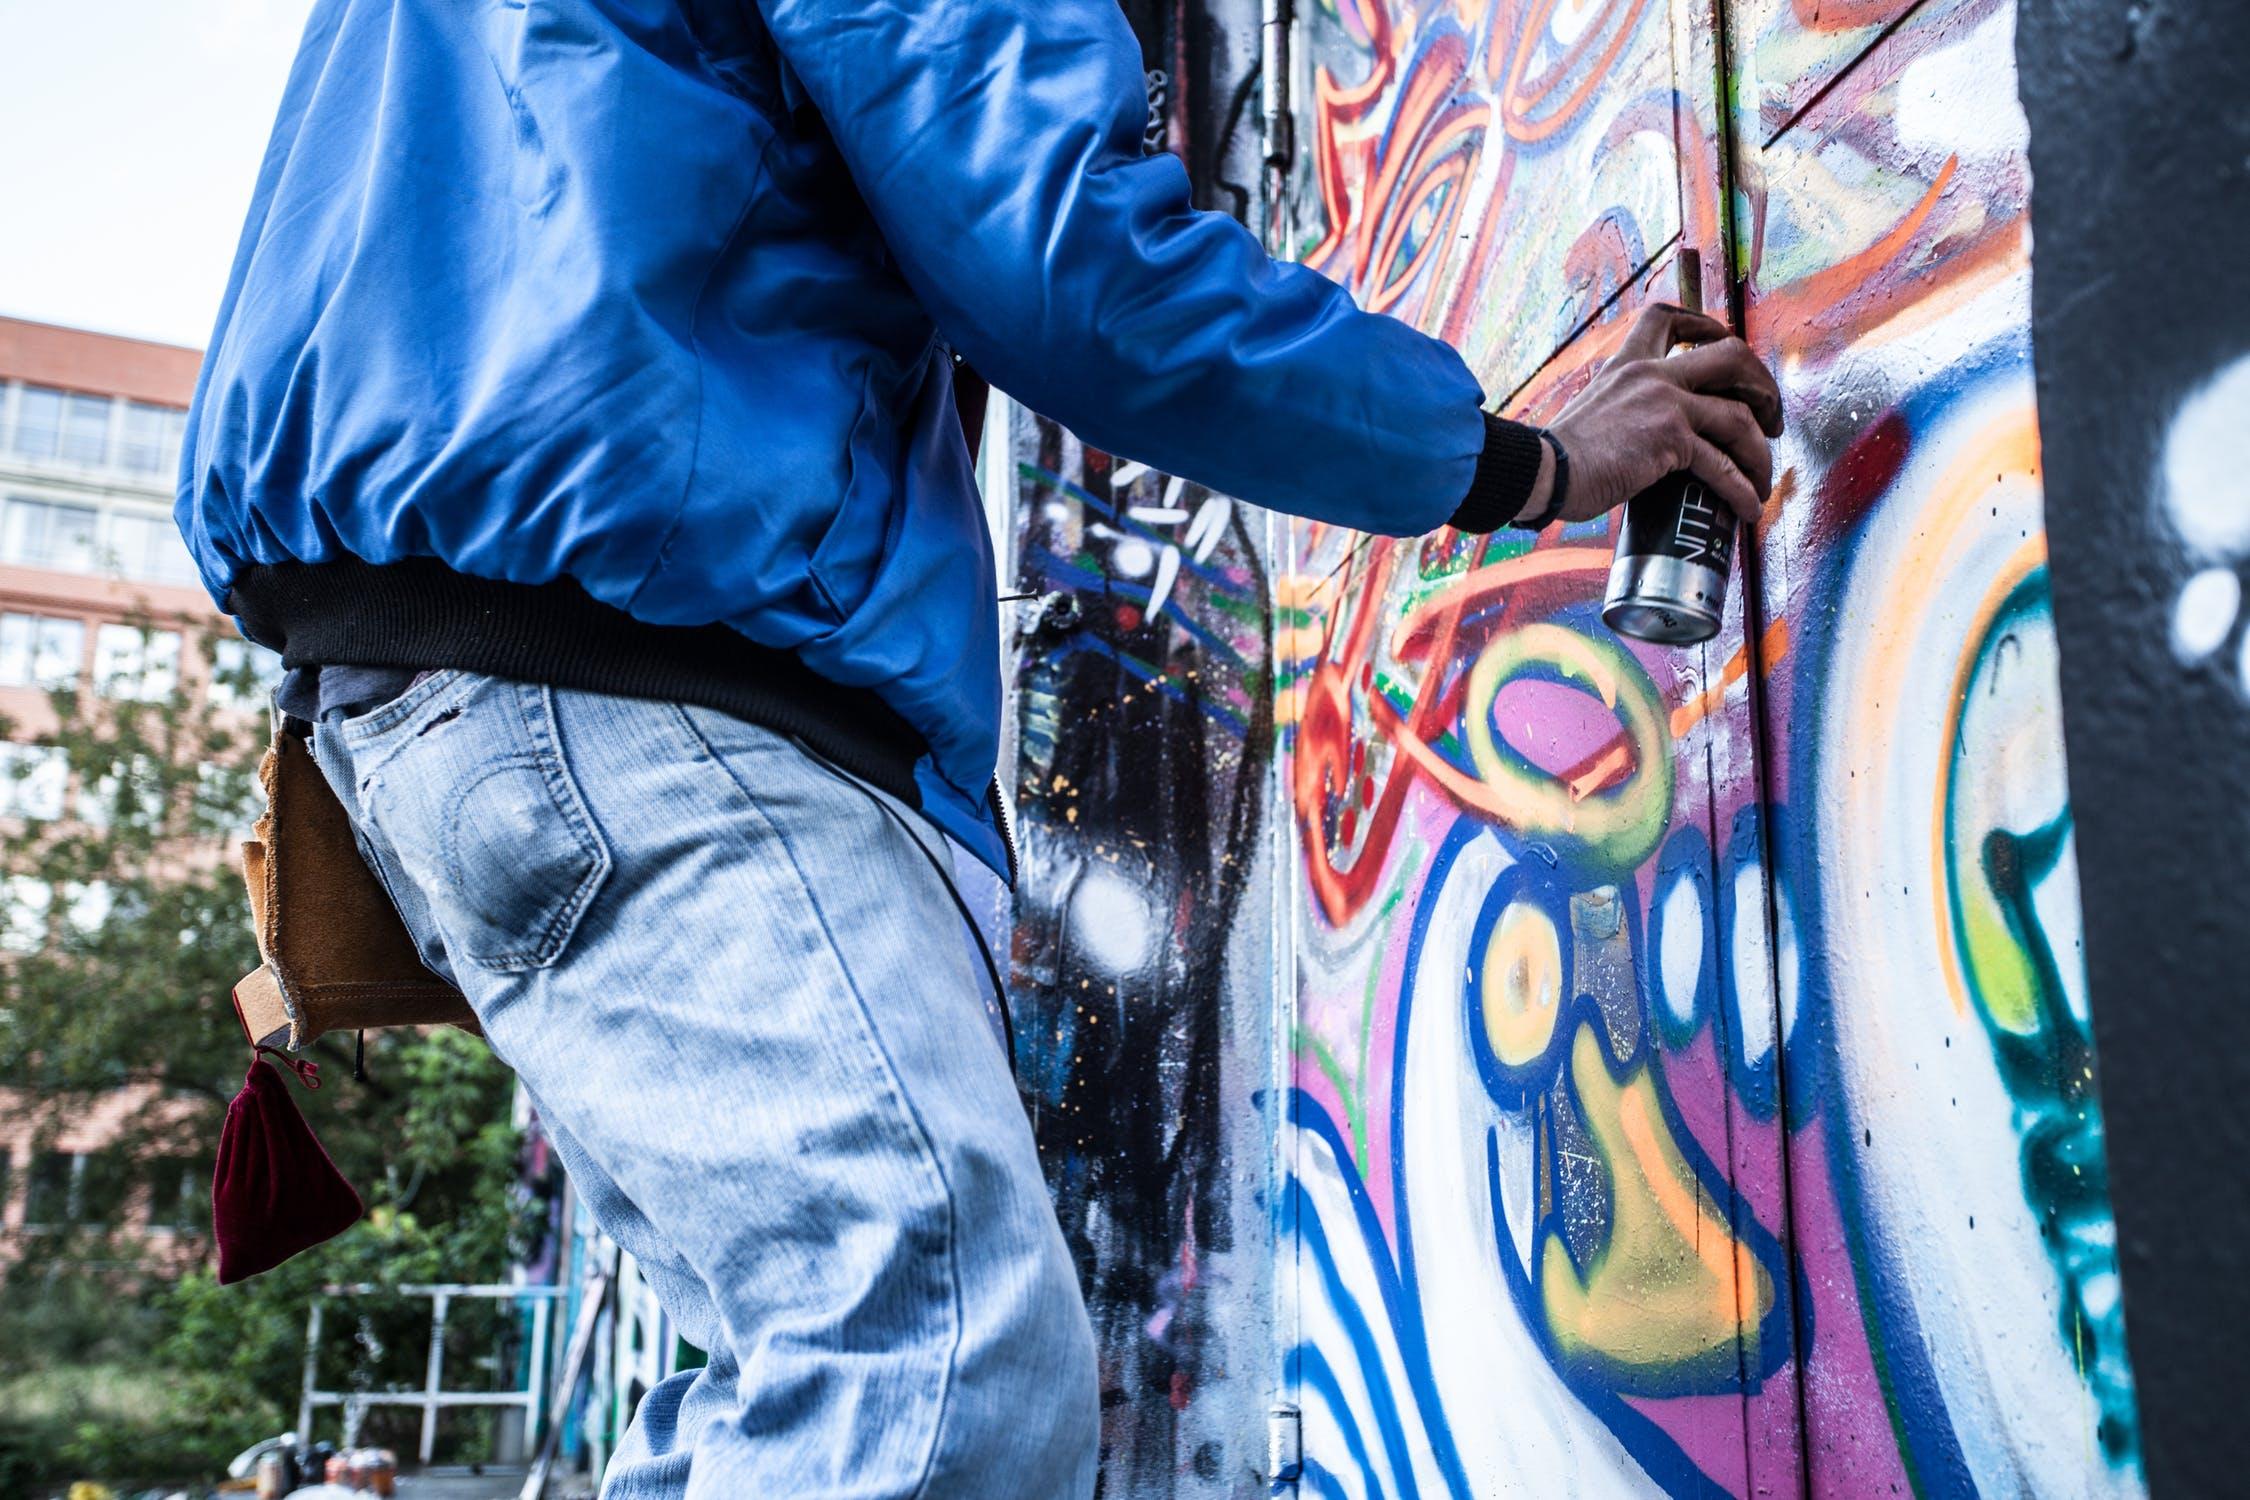 graffitirens, hurtigt og effektivt